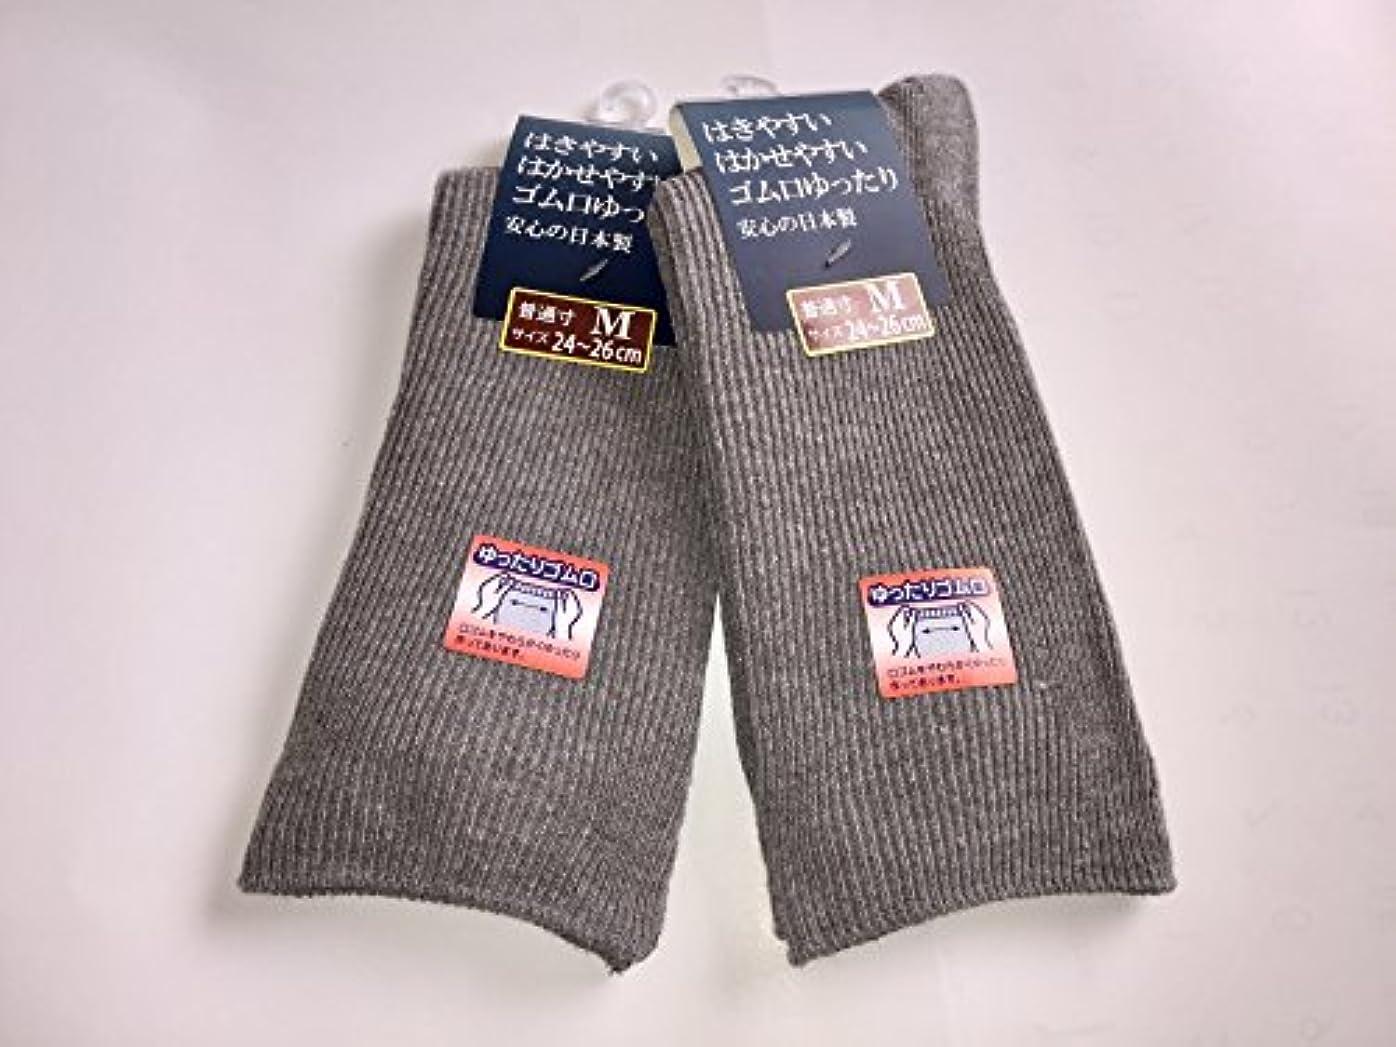 実験室人柄日本製 靴下 メンズ 口ゴムなし ゆったり靴下 24-26cm 2足組 (グレー)